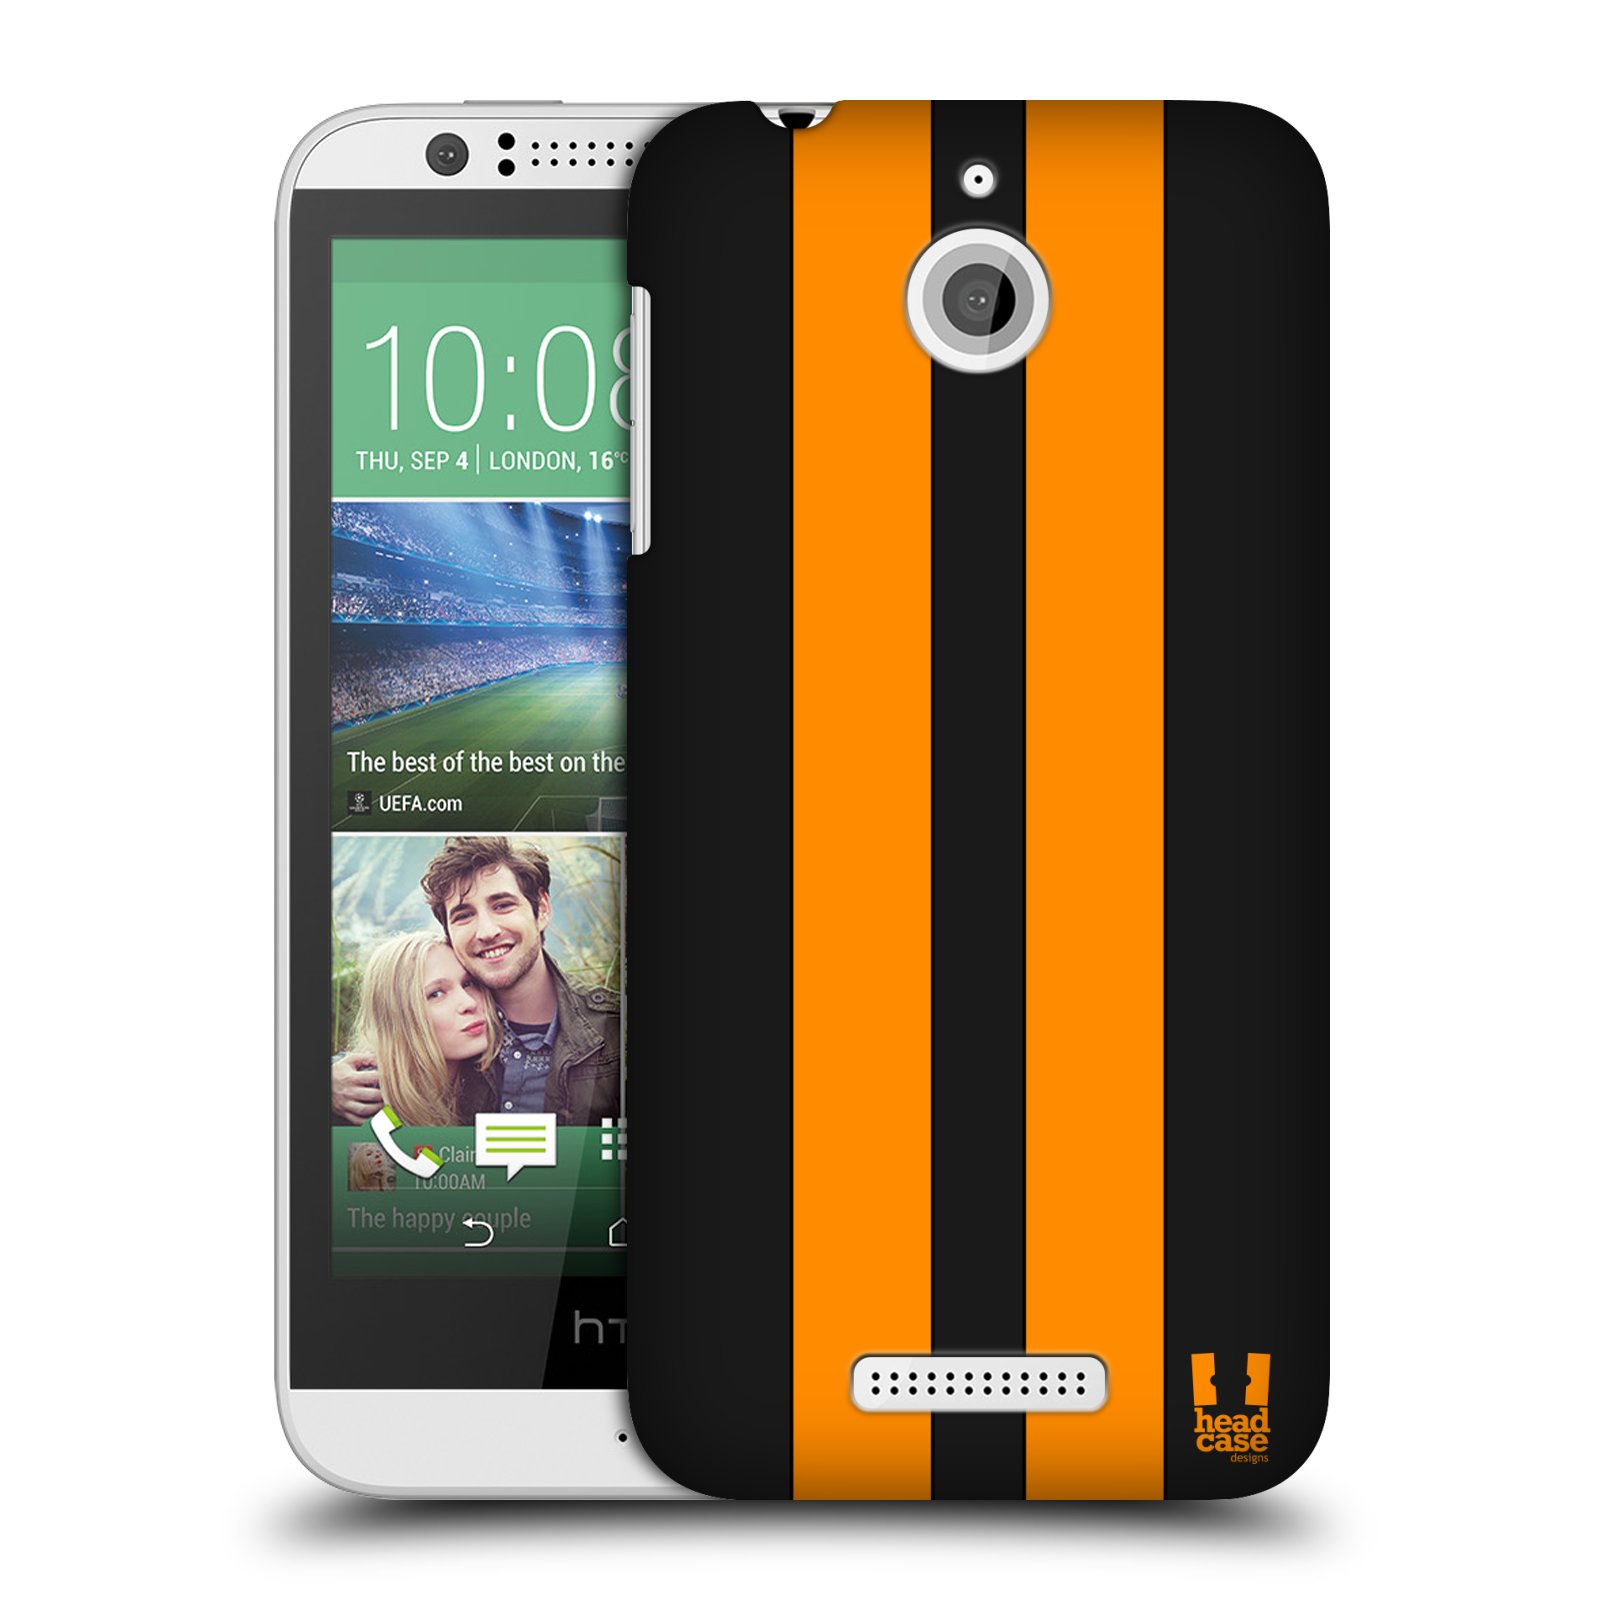 Plastové pouzdro na mobil HTC Desire 510 HEAD CASE ŽLUTÉ A ČERNÉ PRUHY (Kryt či obal na mobilní telefon HTC Desire 510)